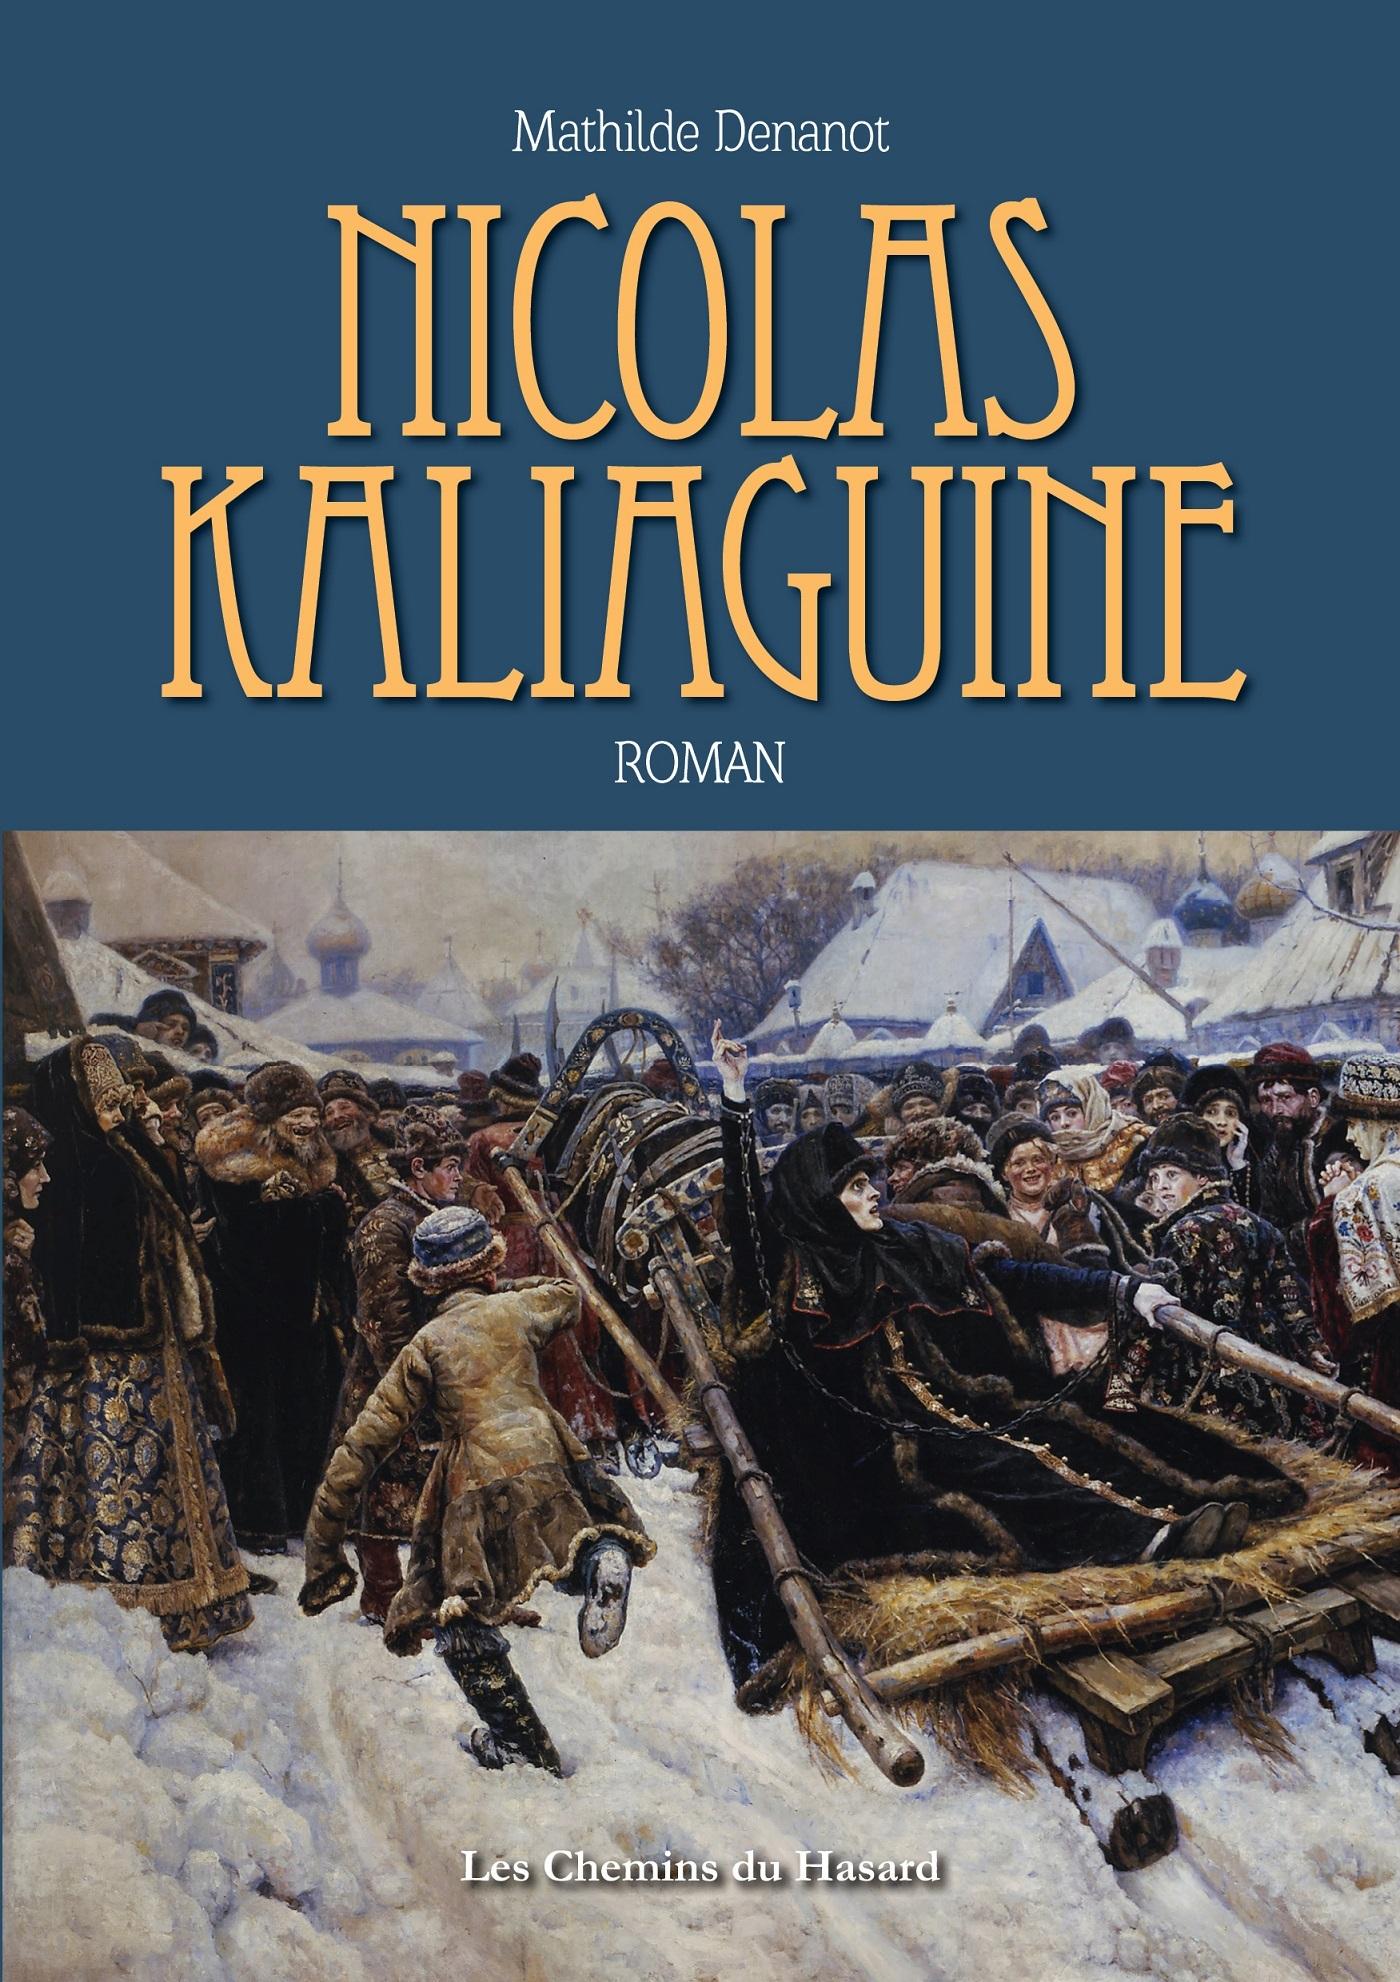 NICOLAS KALIAGUINE